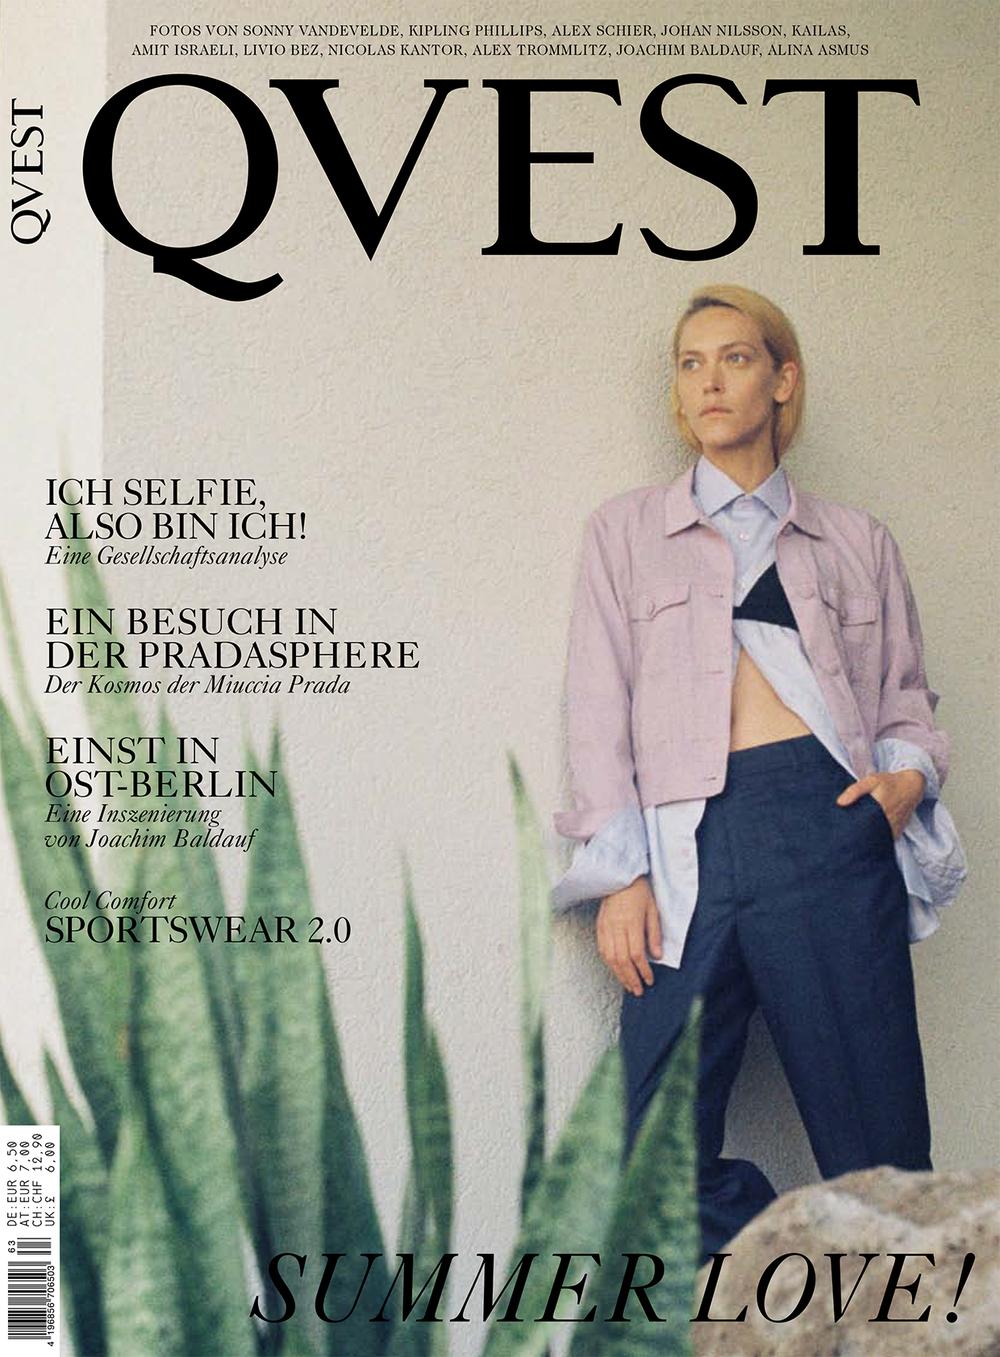 2014-06 QVEST #63 - COVER.jpg